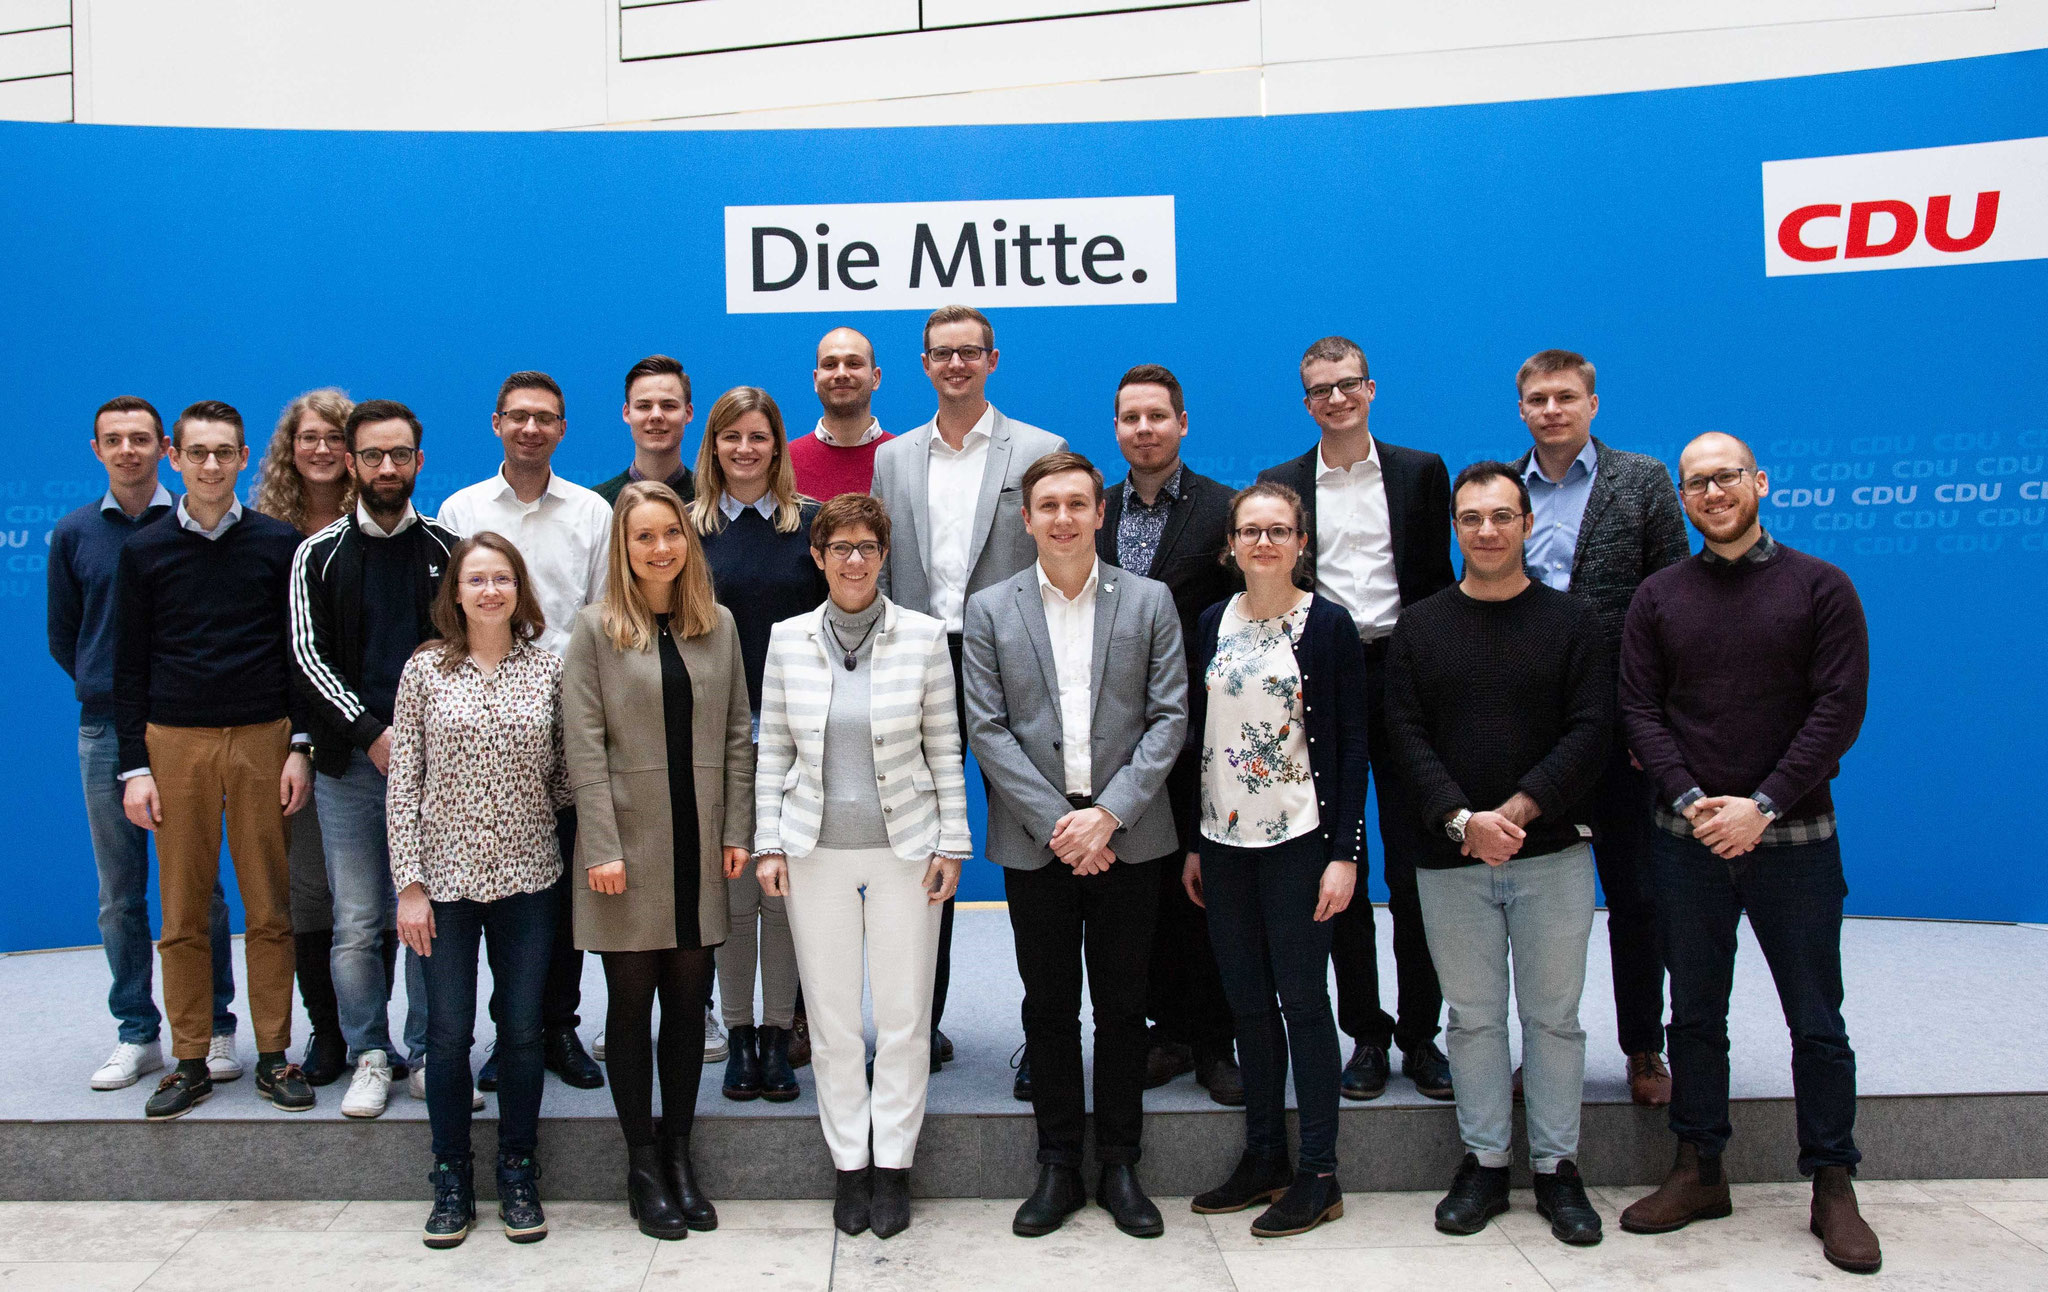 Prominenter Besuch: Fototermin mit der CDU-Parteivorsitzenden Annegret Kramp-Karrenbauer, umgangssprachlich AKK.